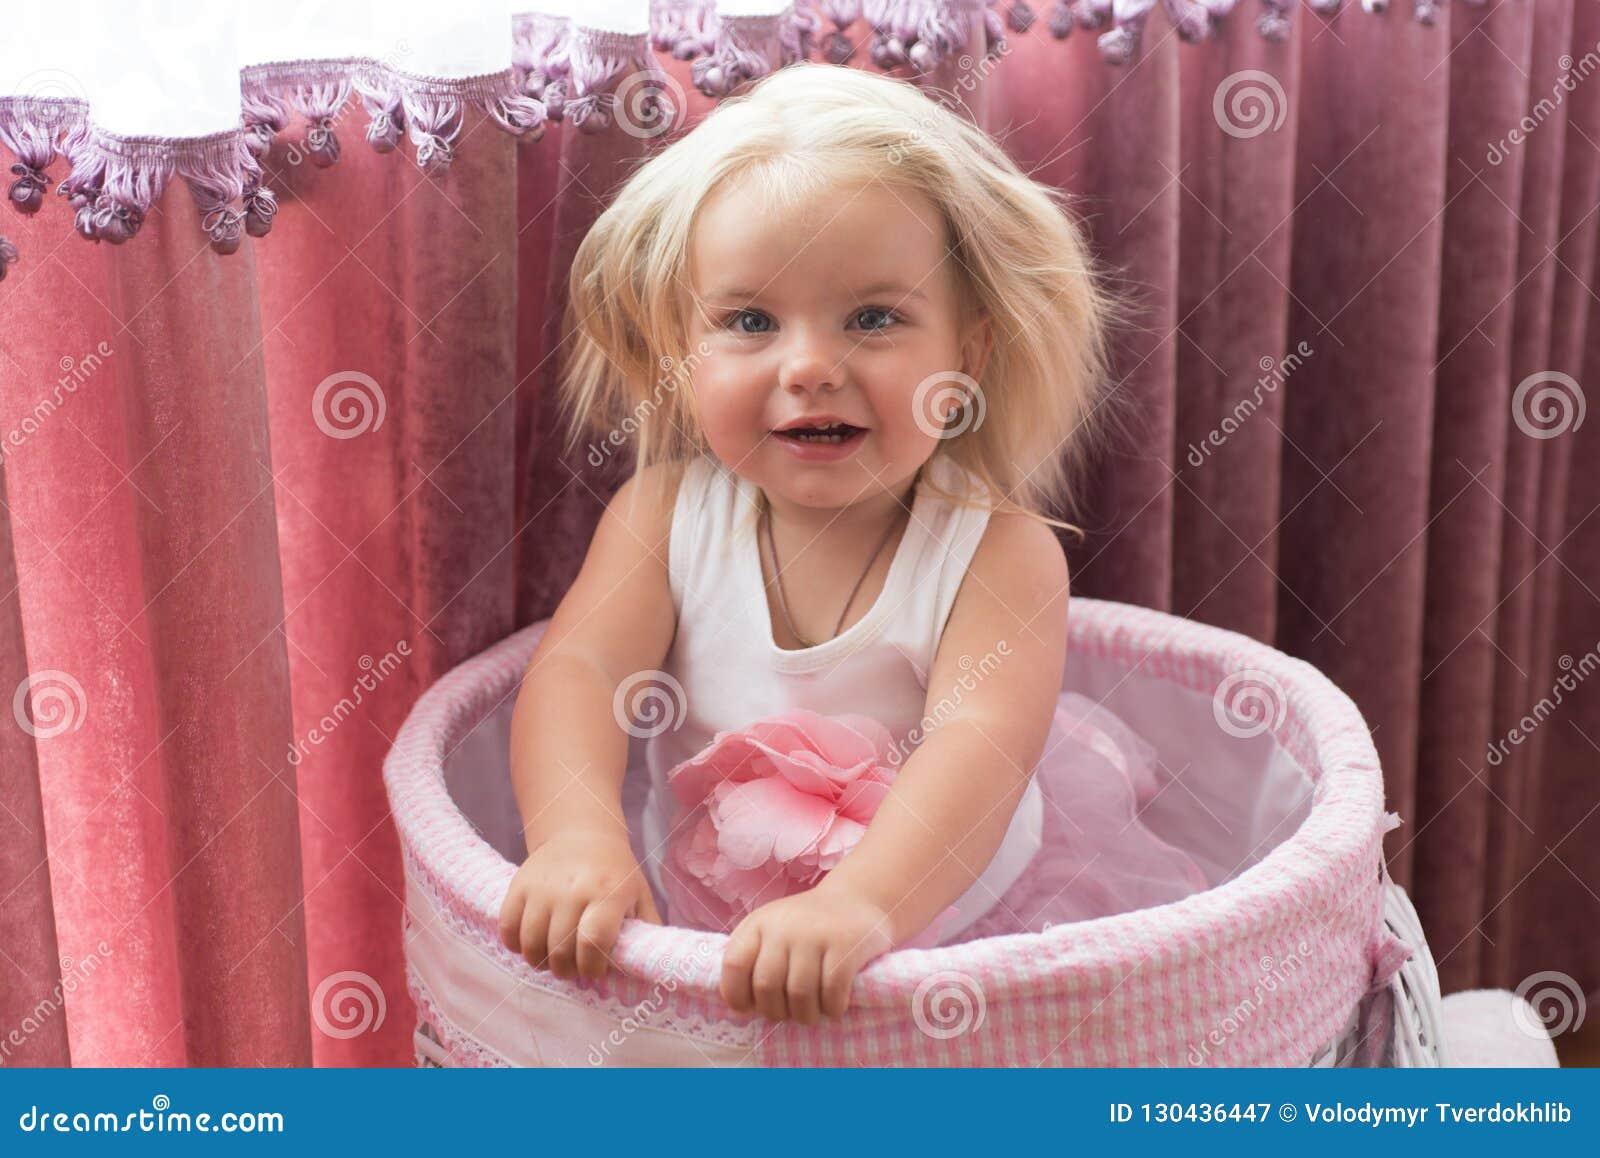 In Ihrer Eigenen Art Friseursalon Für Kinder Wenig Mädchen Mit